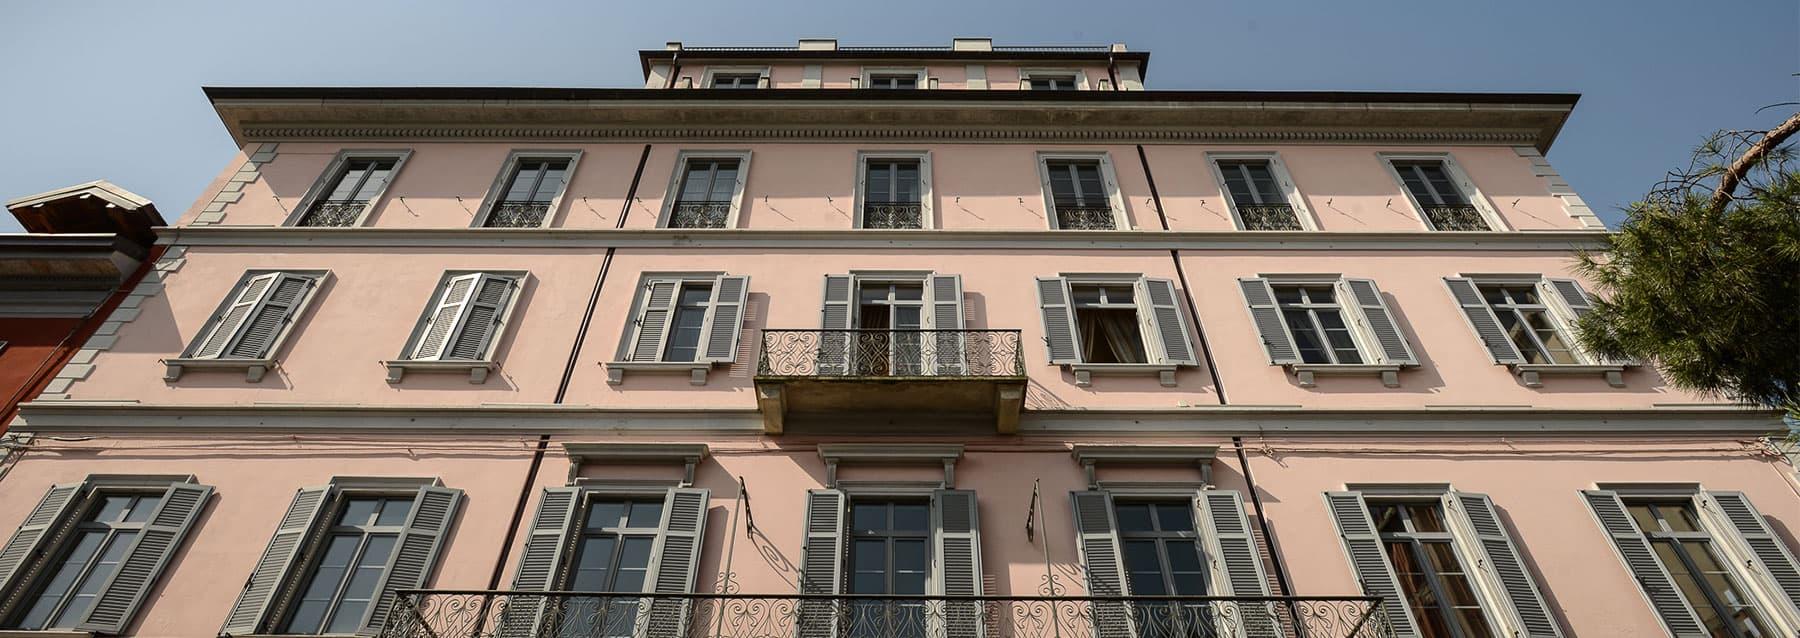 Exante - Consulting Verbania - Italy